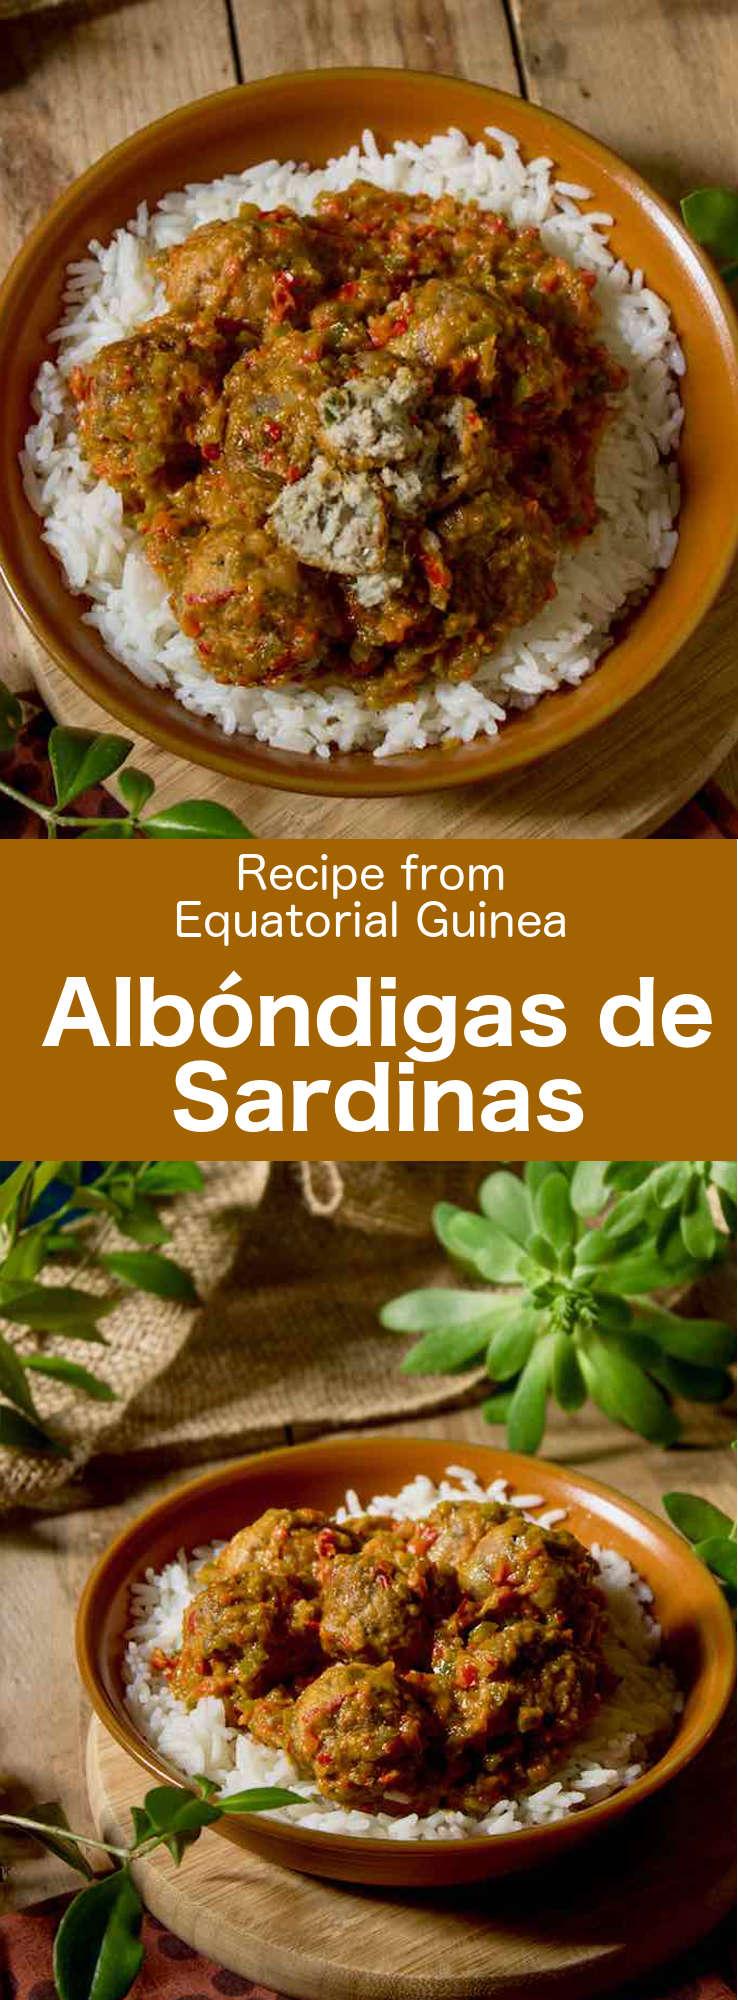 Albóndigas de sardinas are delicious traditional fish dumplings prepared with sardines that are popular in Equatorial Guinea. #EquatorialGuinea #AfricanCuisine #AfricanRecipe #WorldCuisine #196flavors